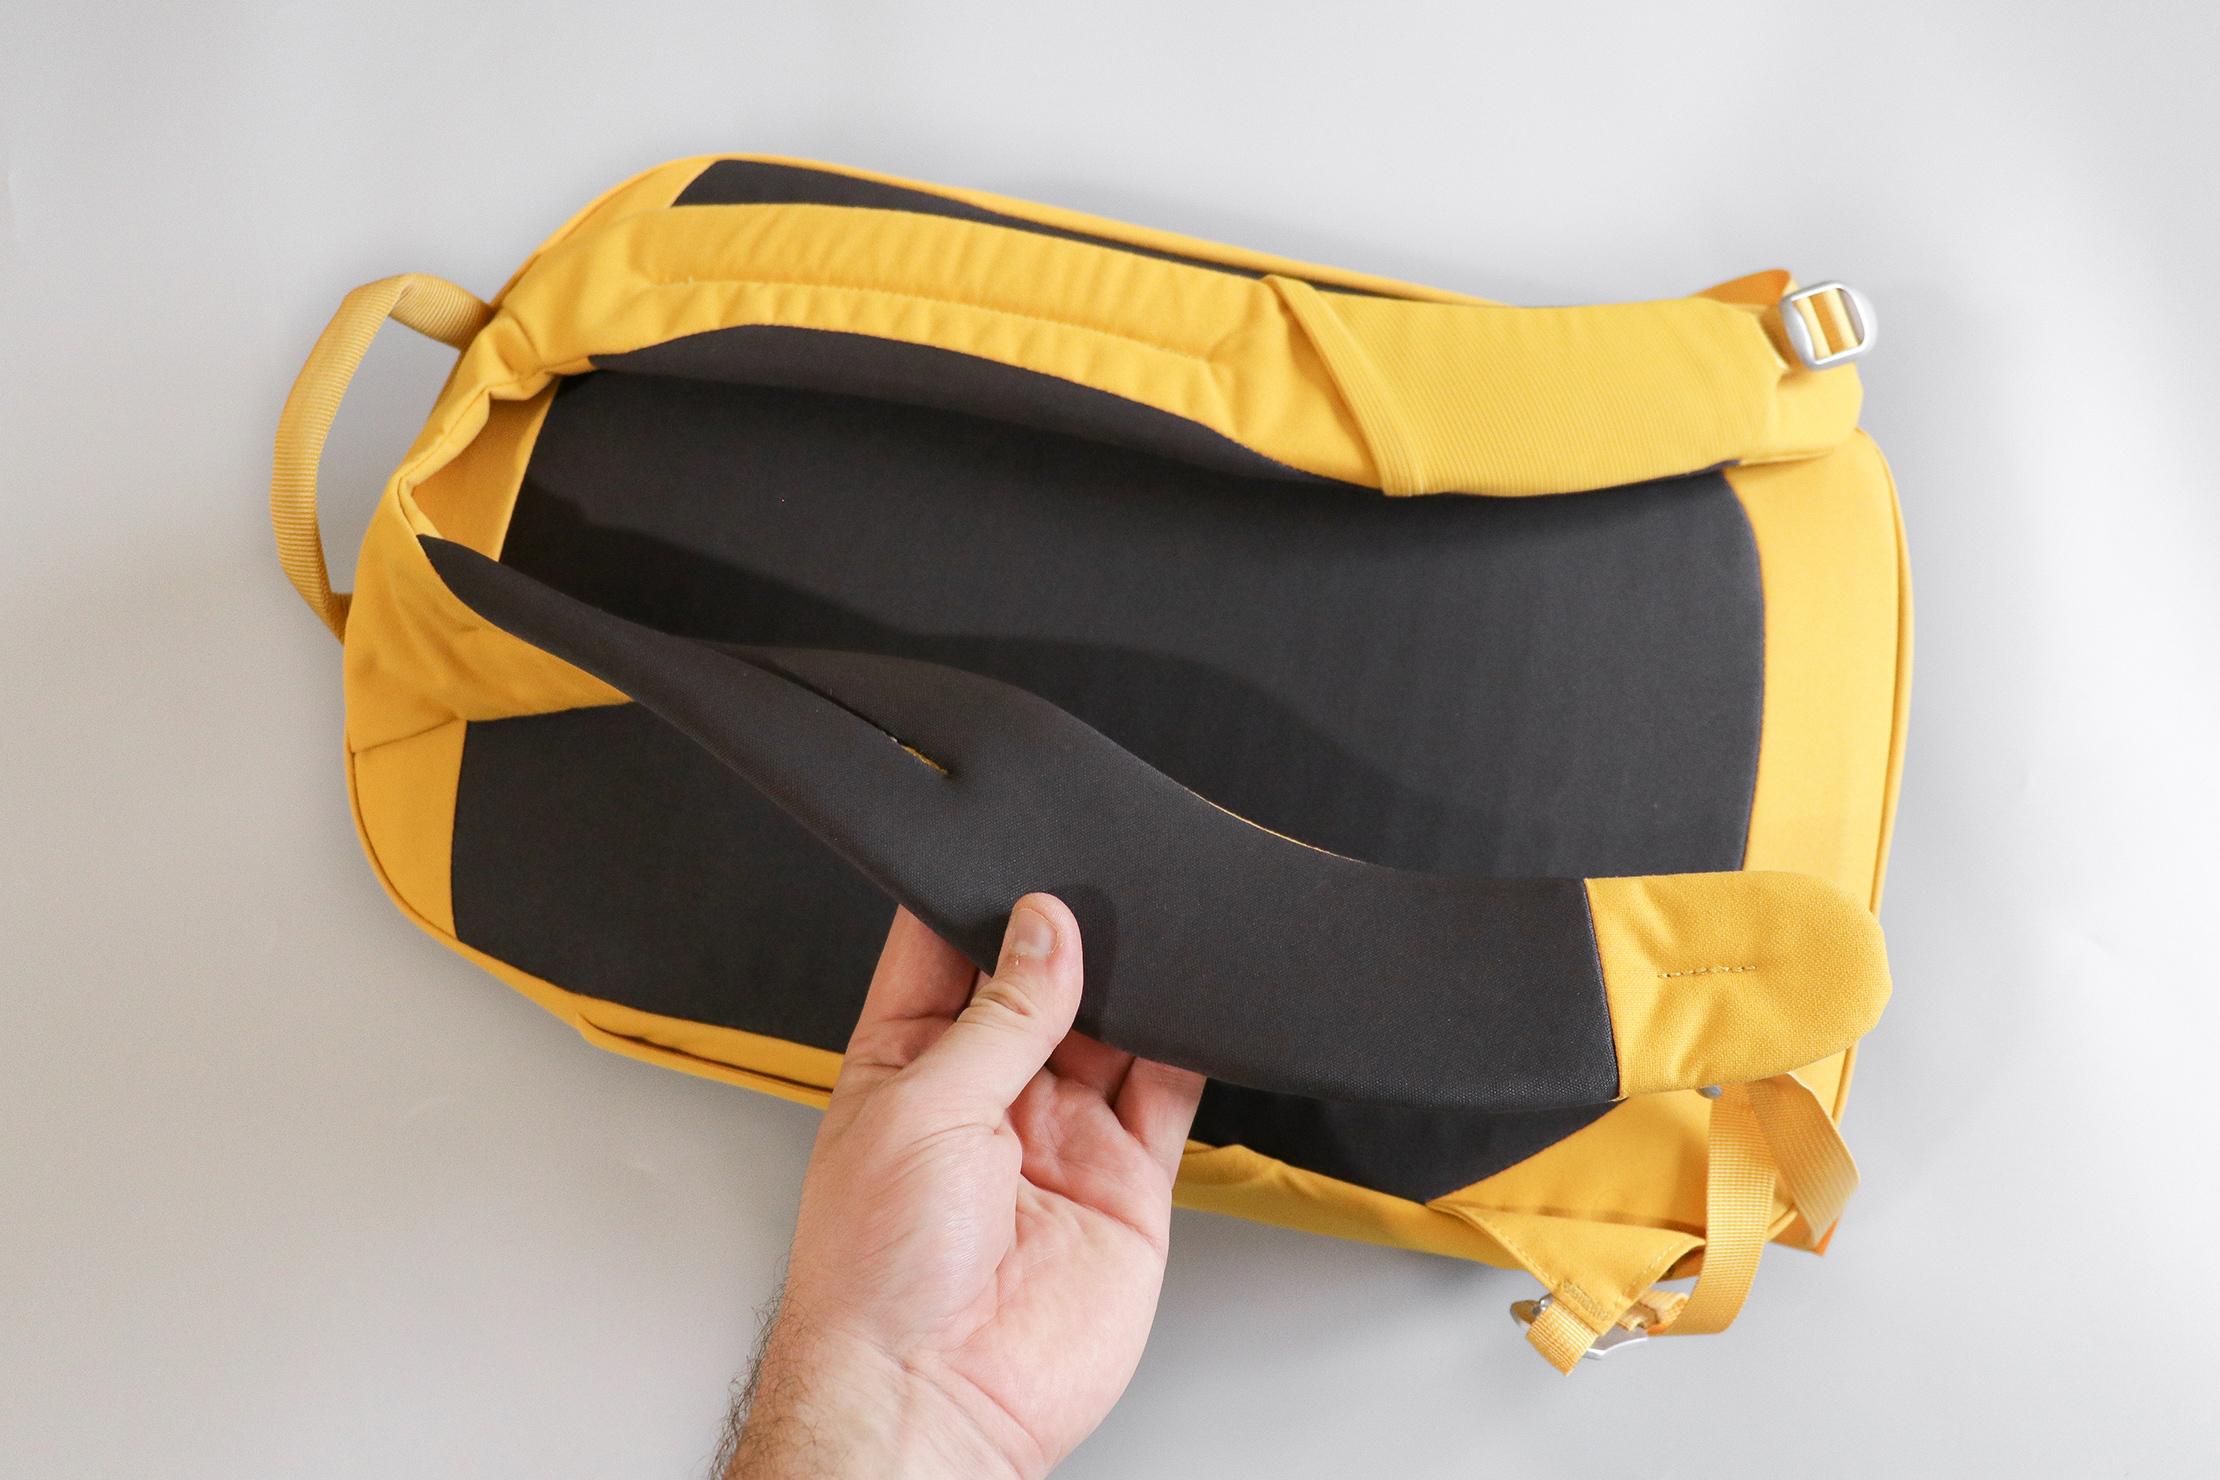 Osprey Arcane Large Day Pack (V2) Shoulder Straps and Back Panel